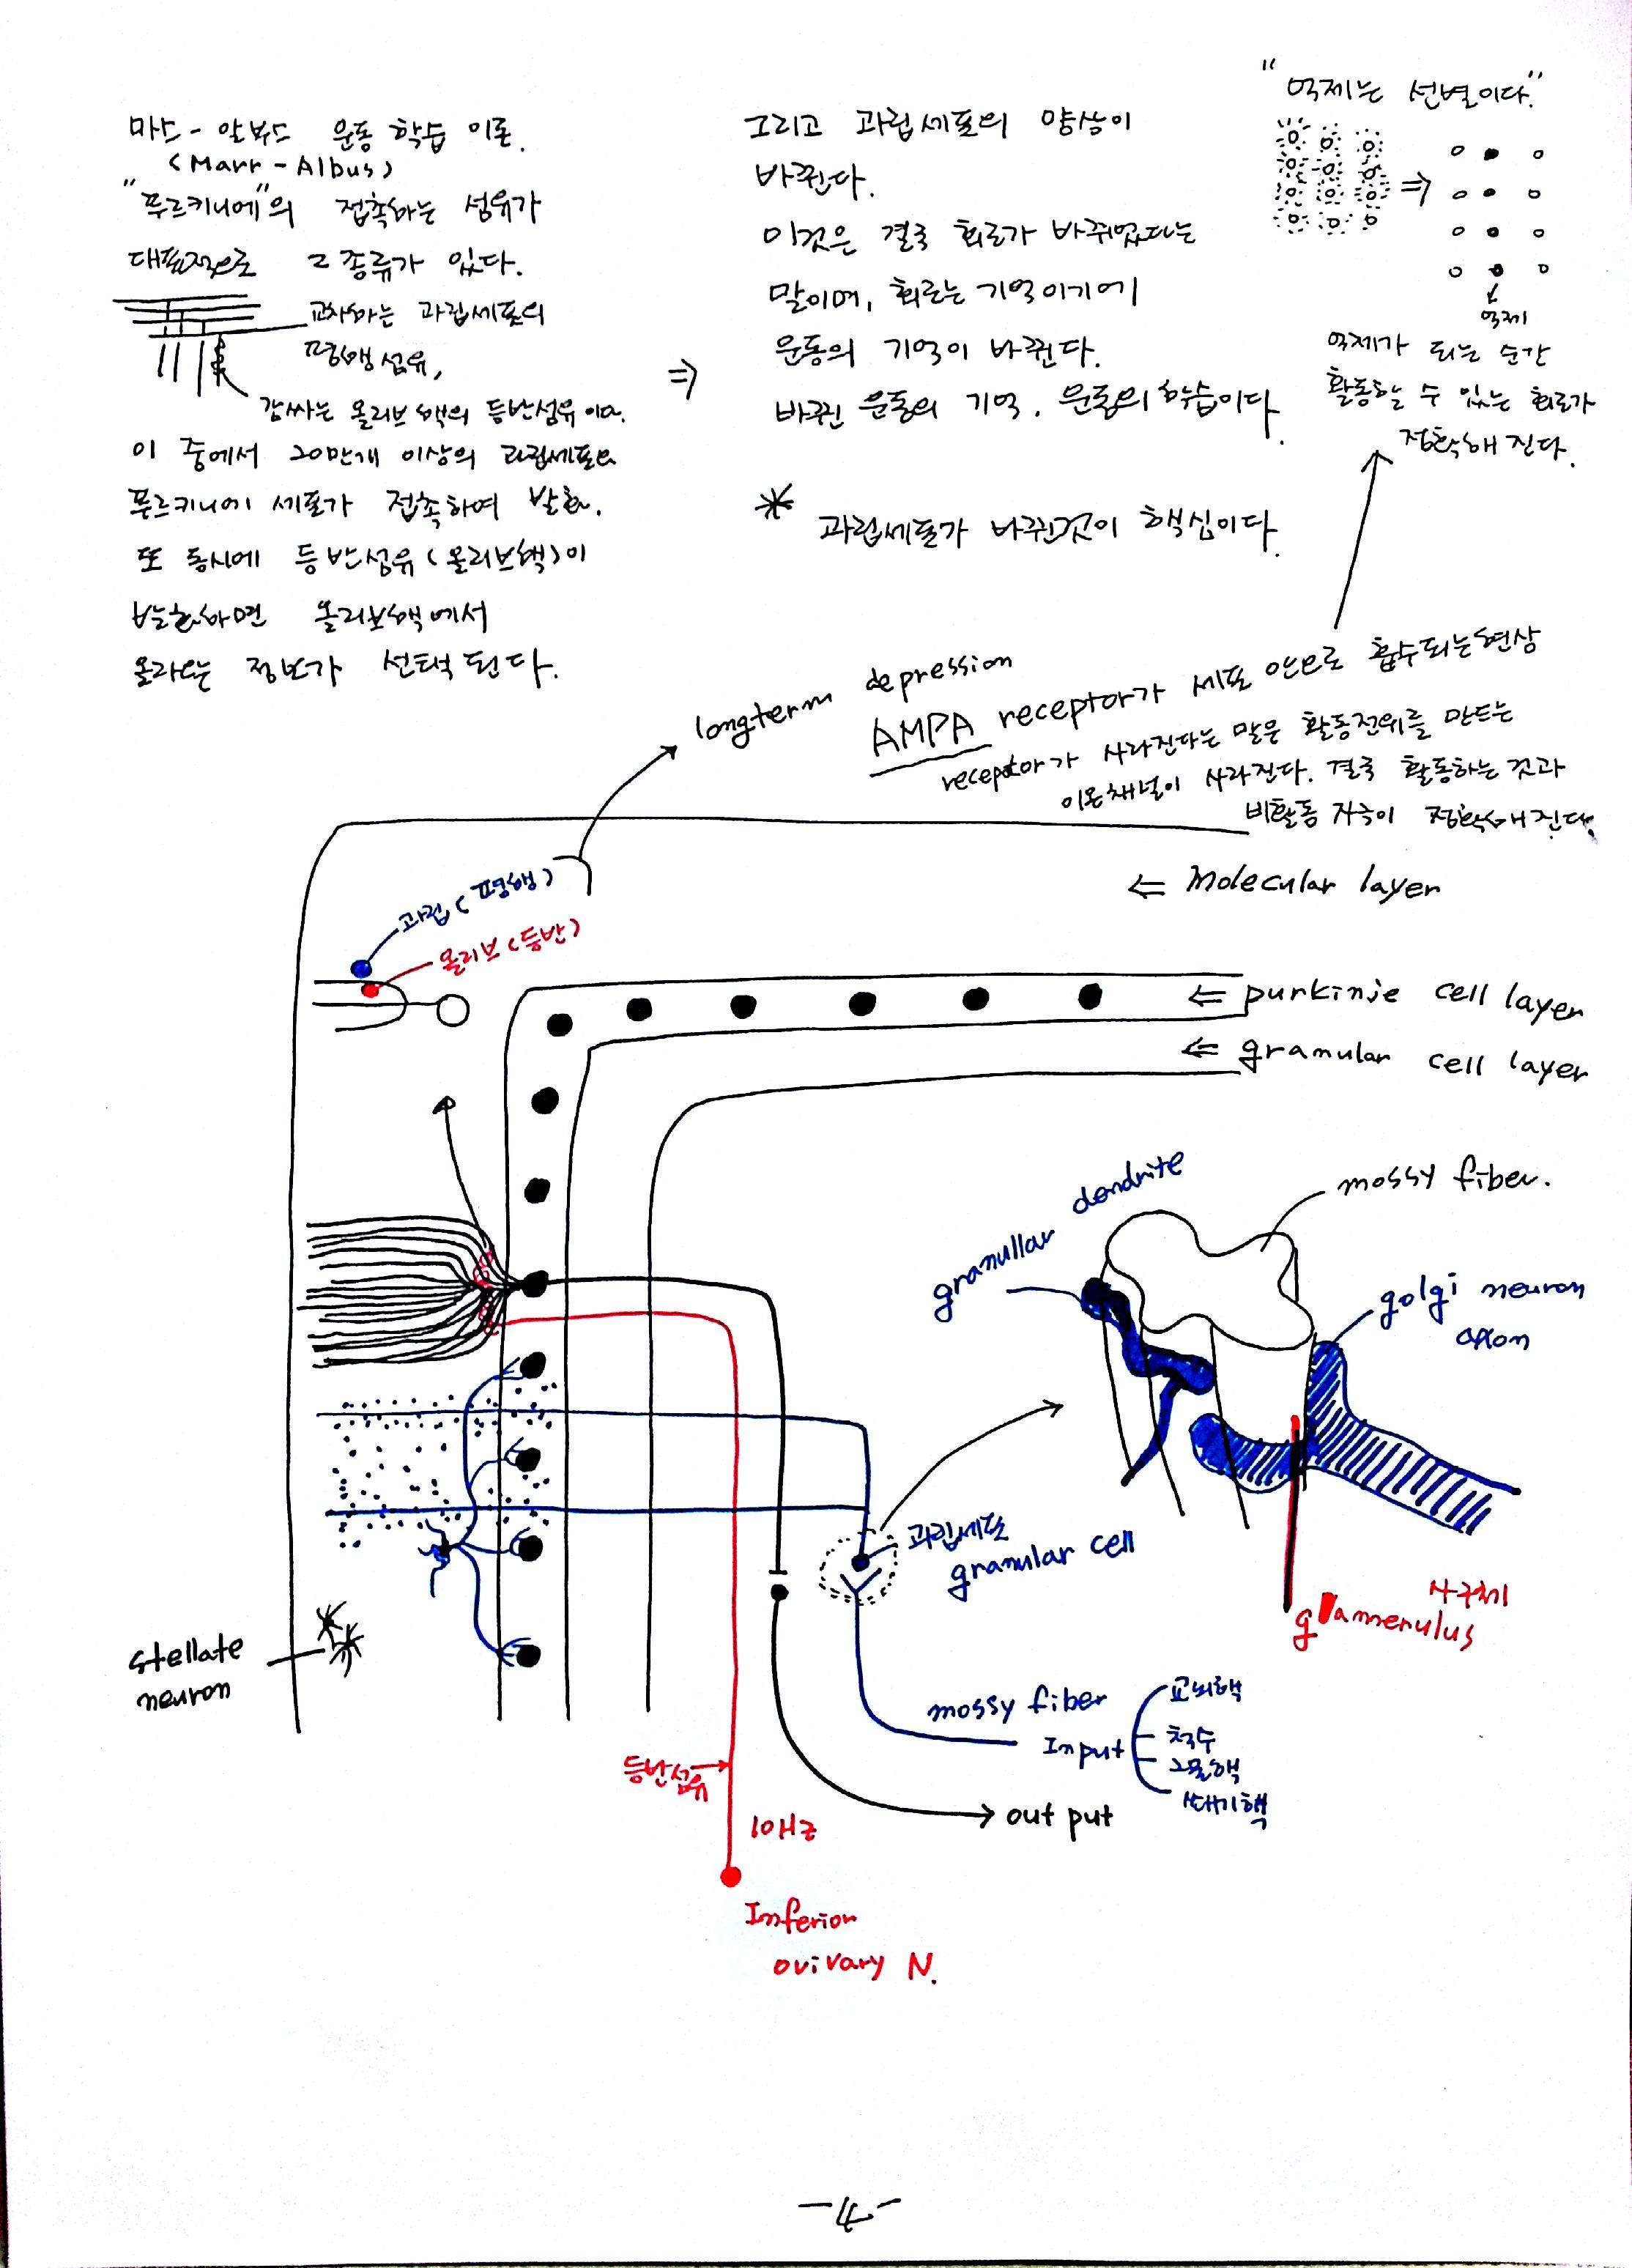 04-2012-10-15_12-55-24_230.jpg